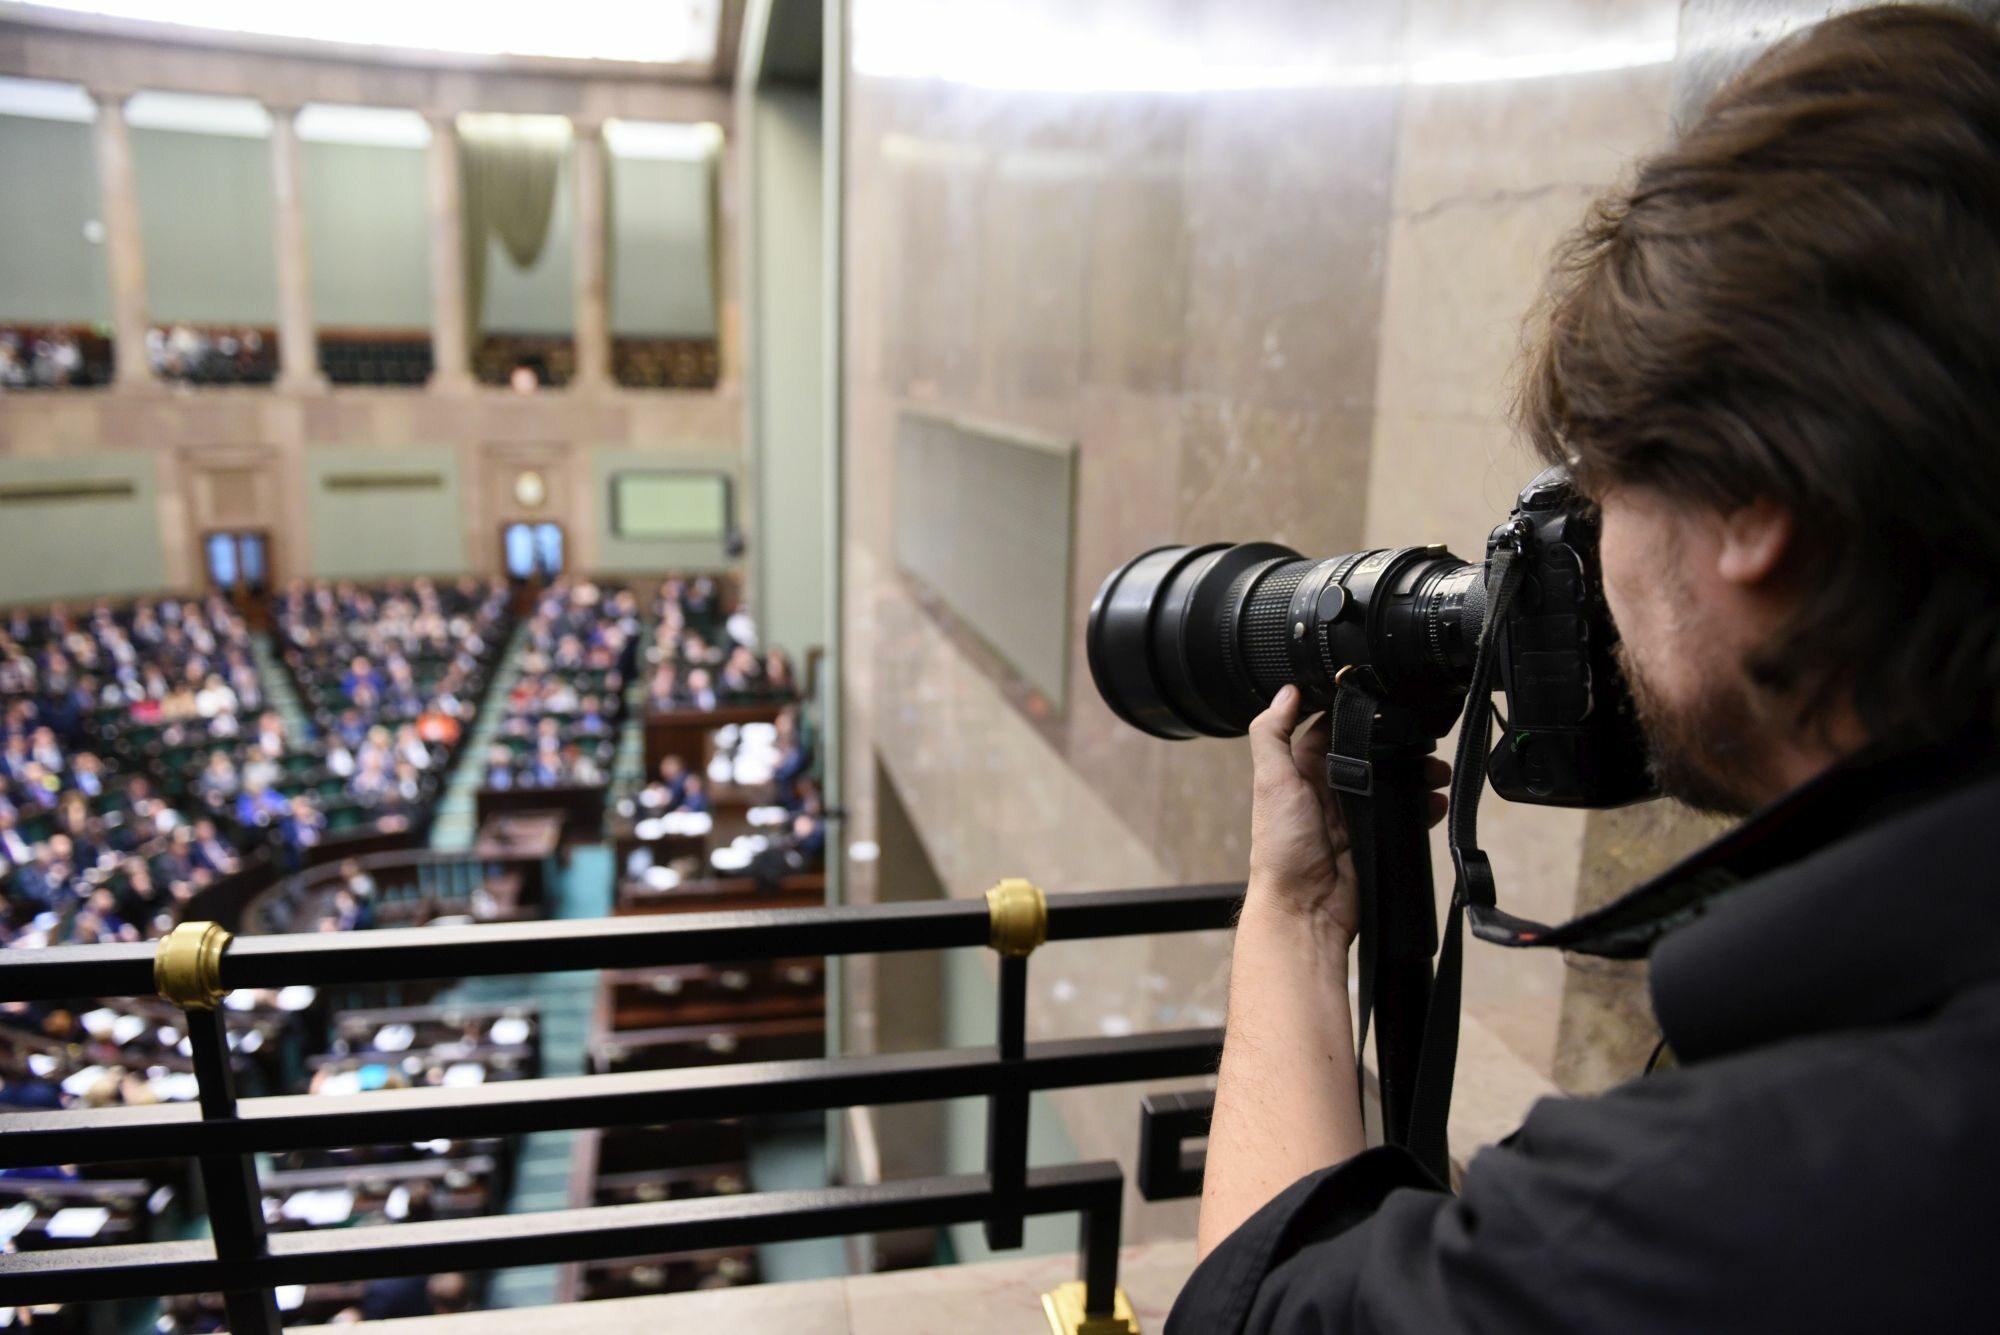 Fotoreporter na galerii sejmowej